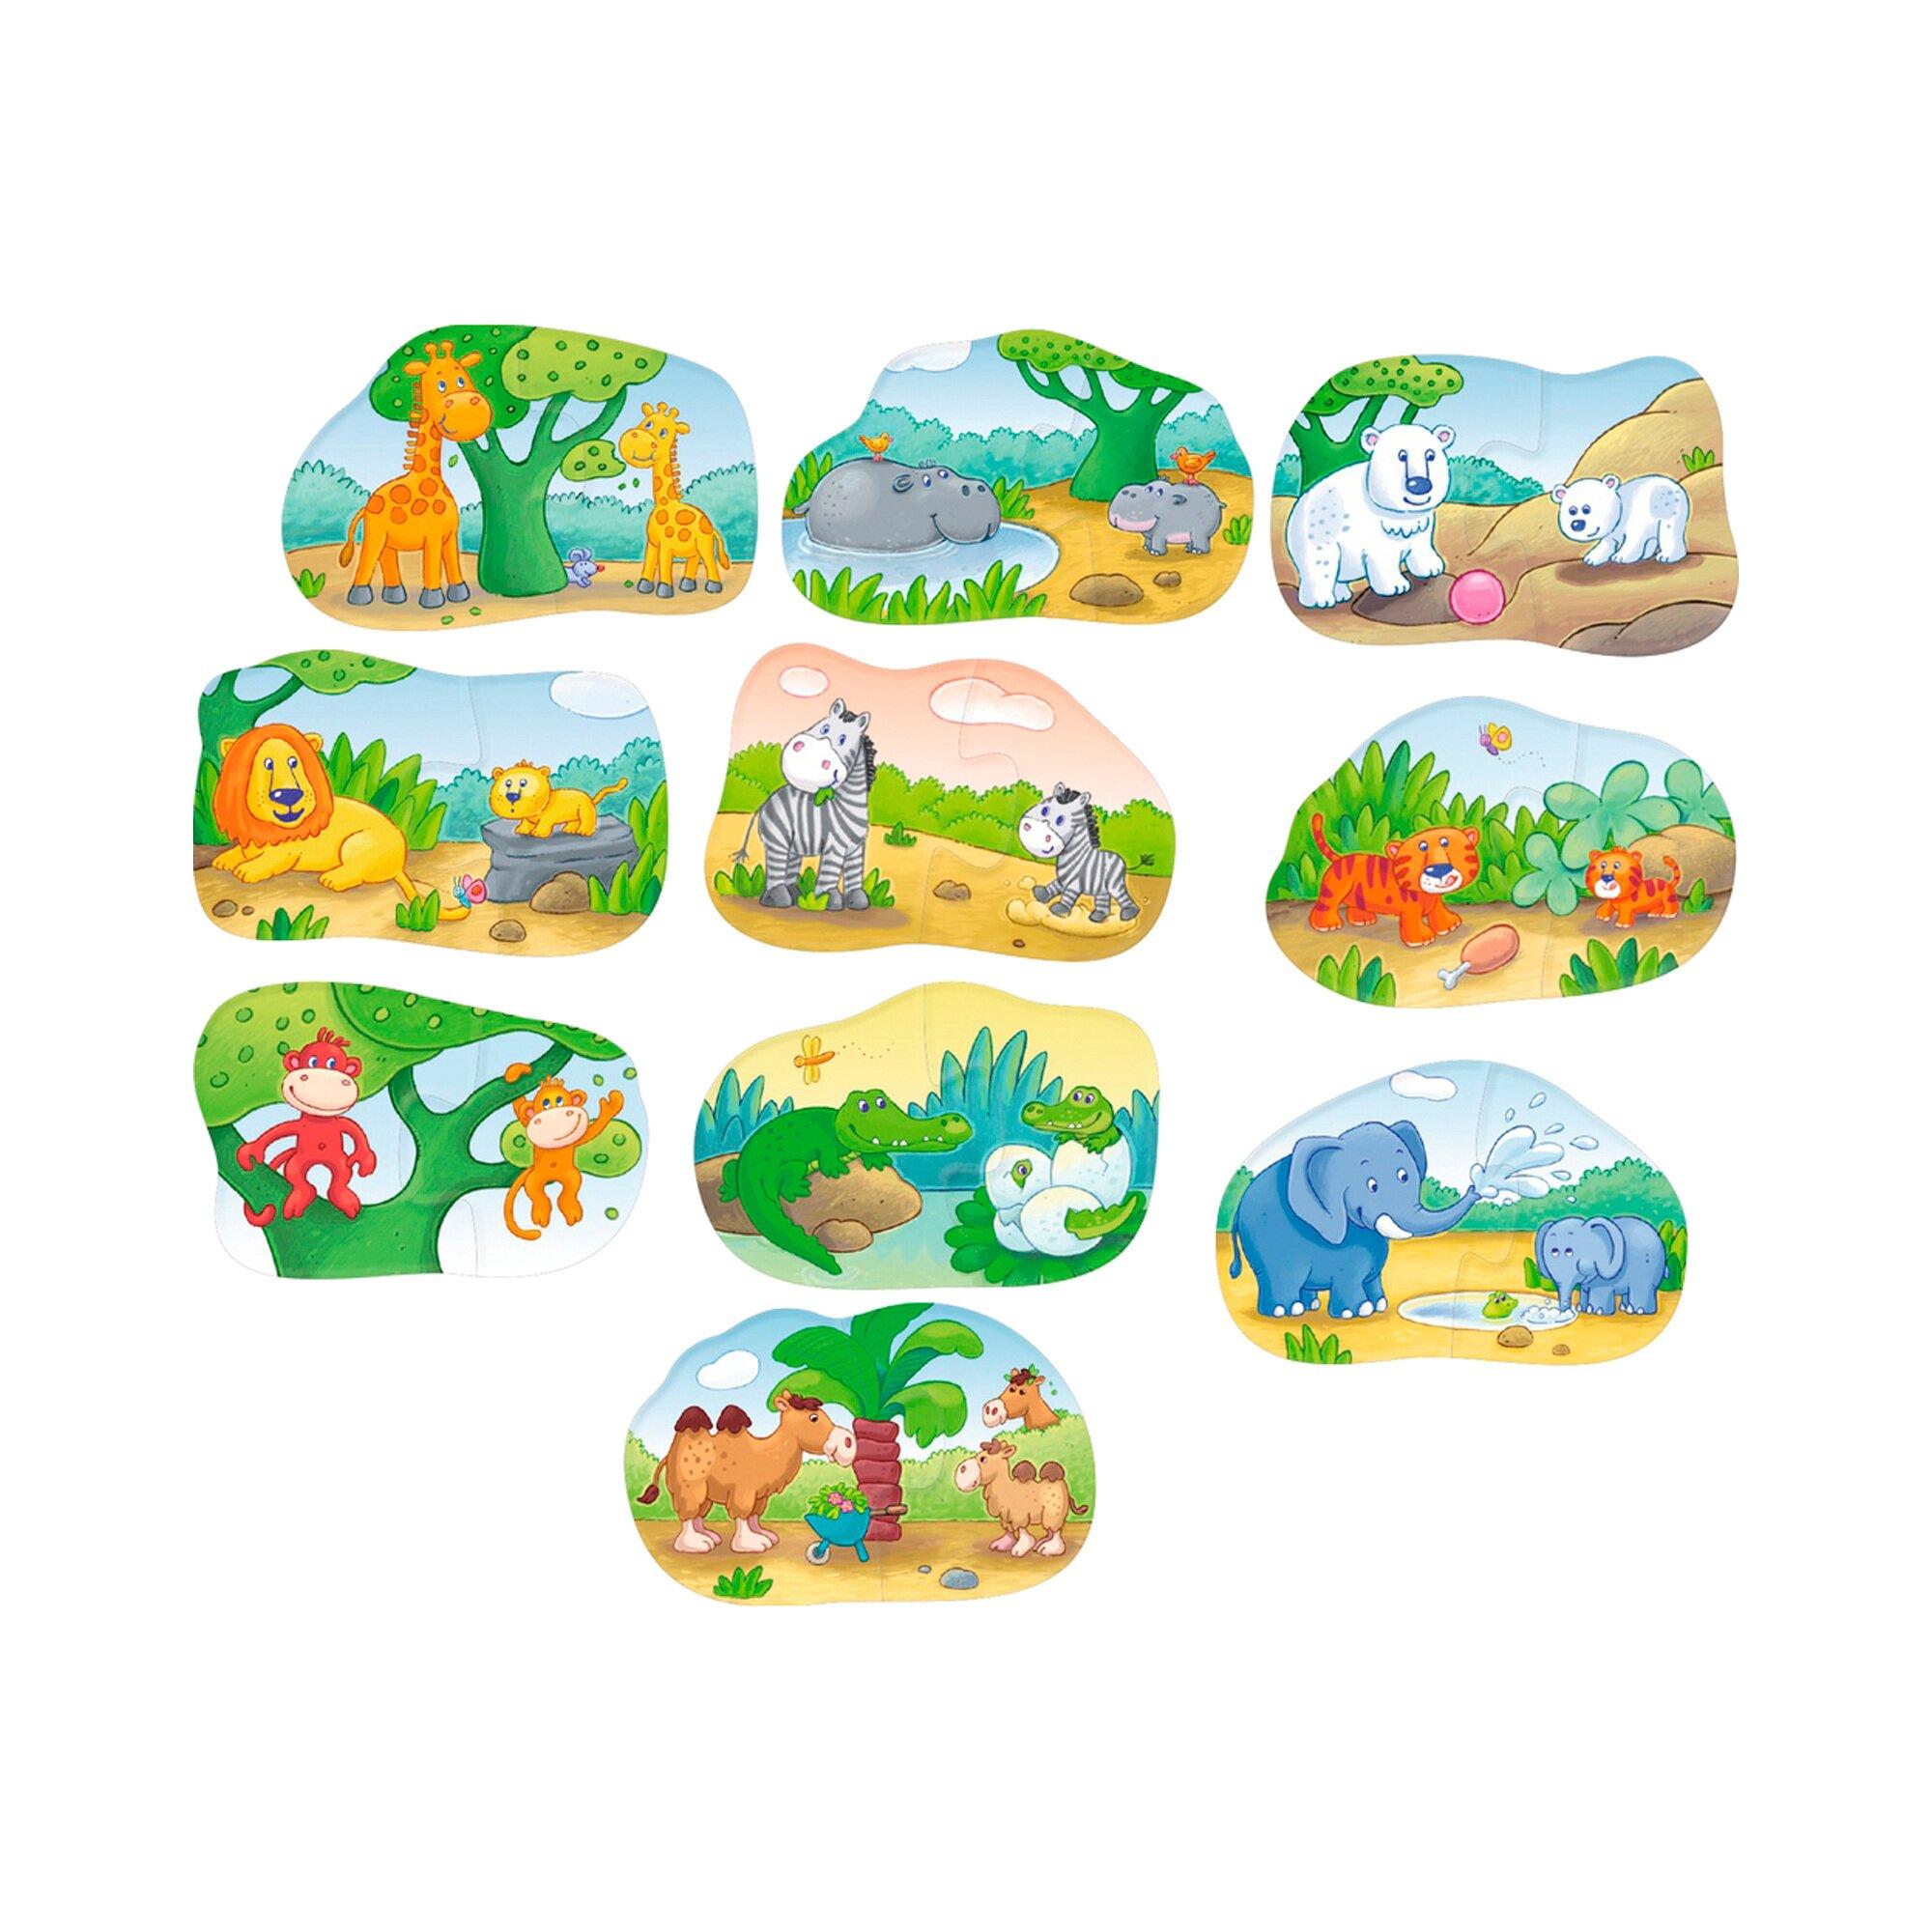 haba-1-2-puzzelei-tierkinder